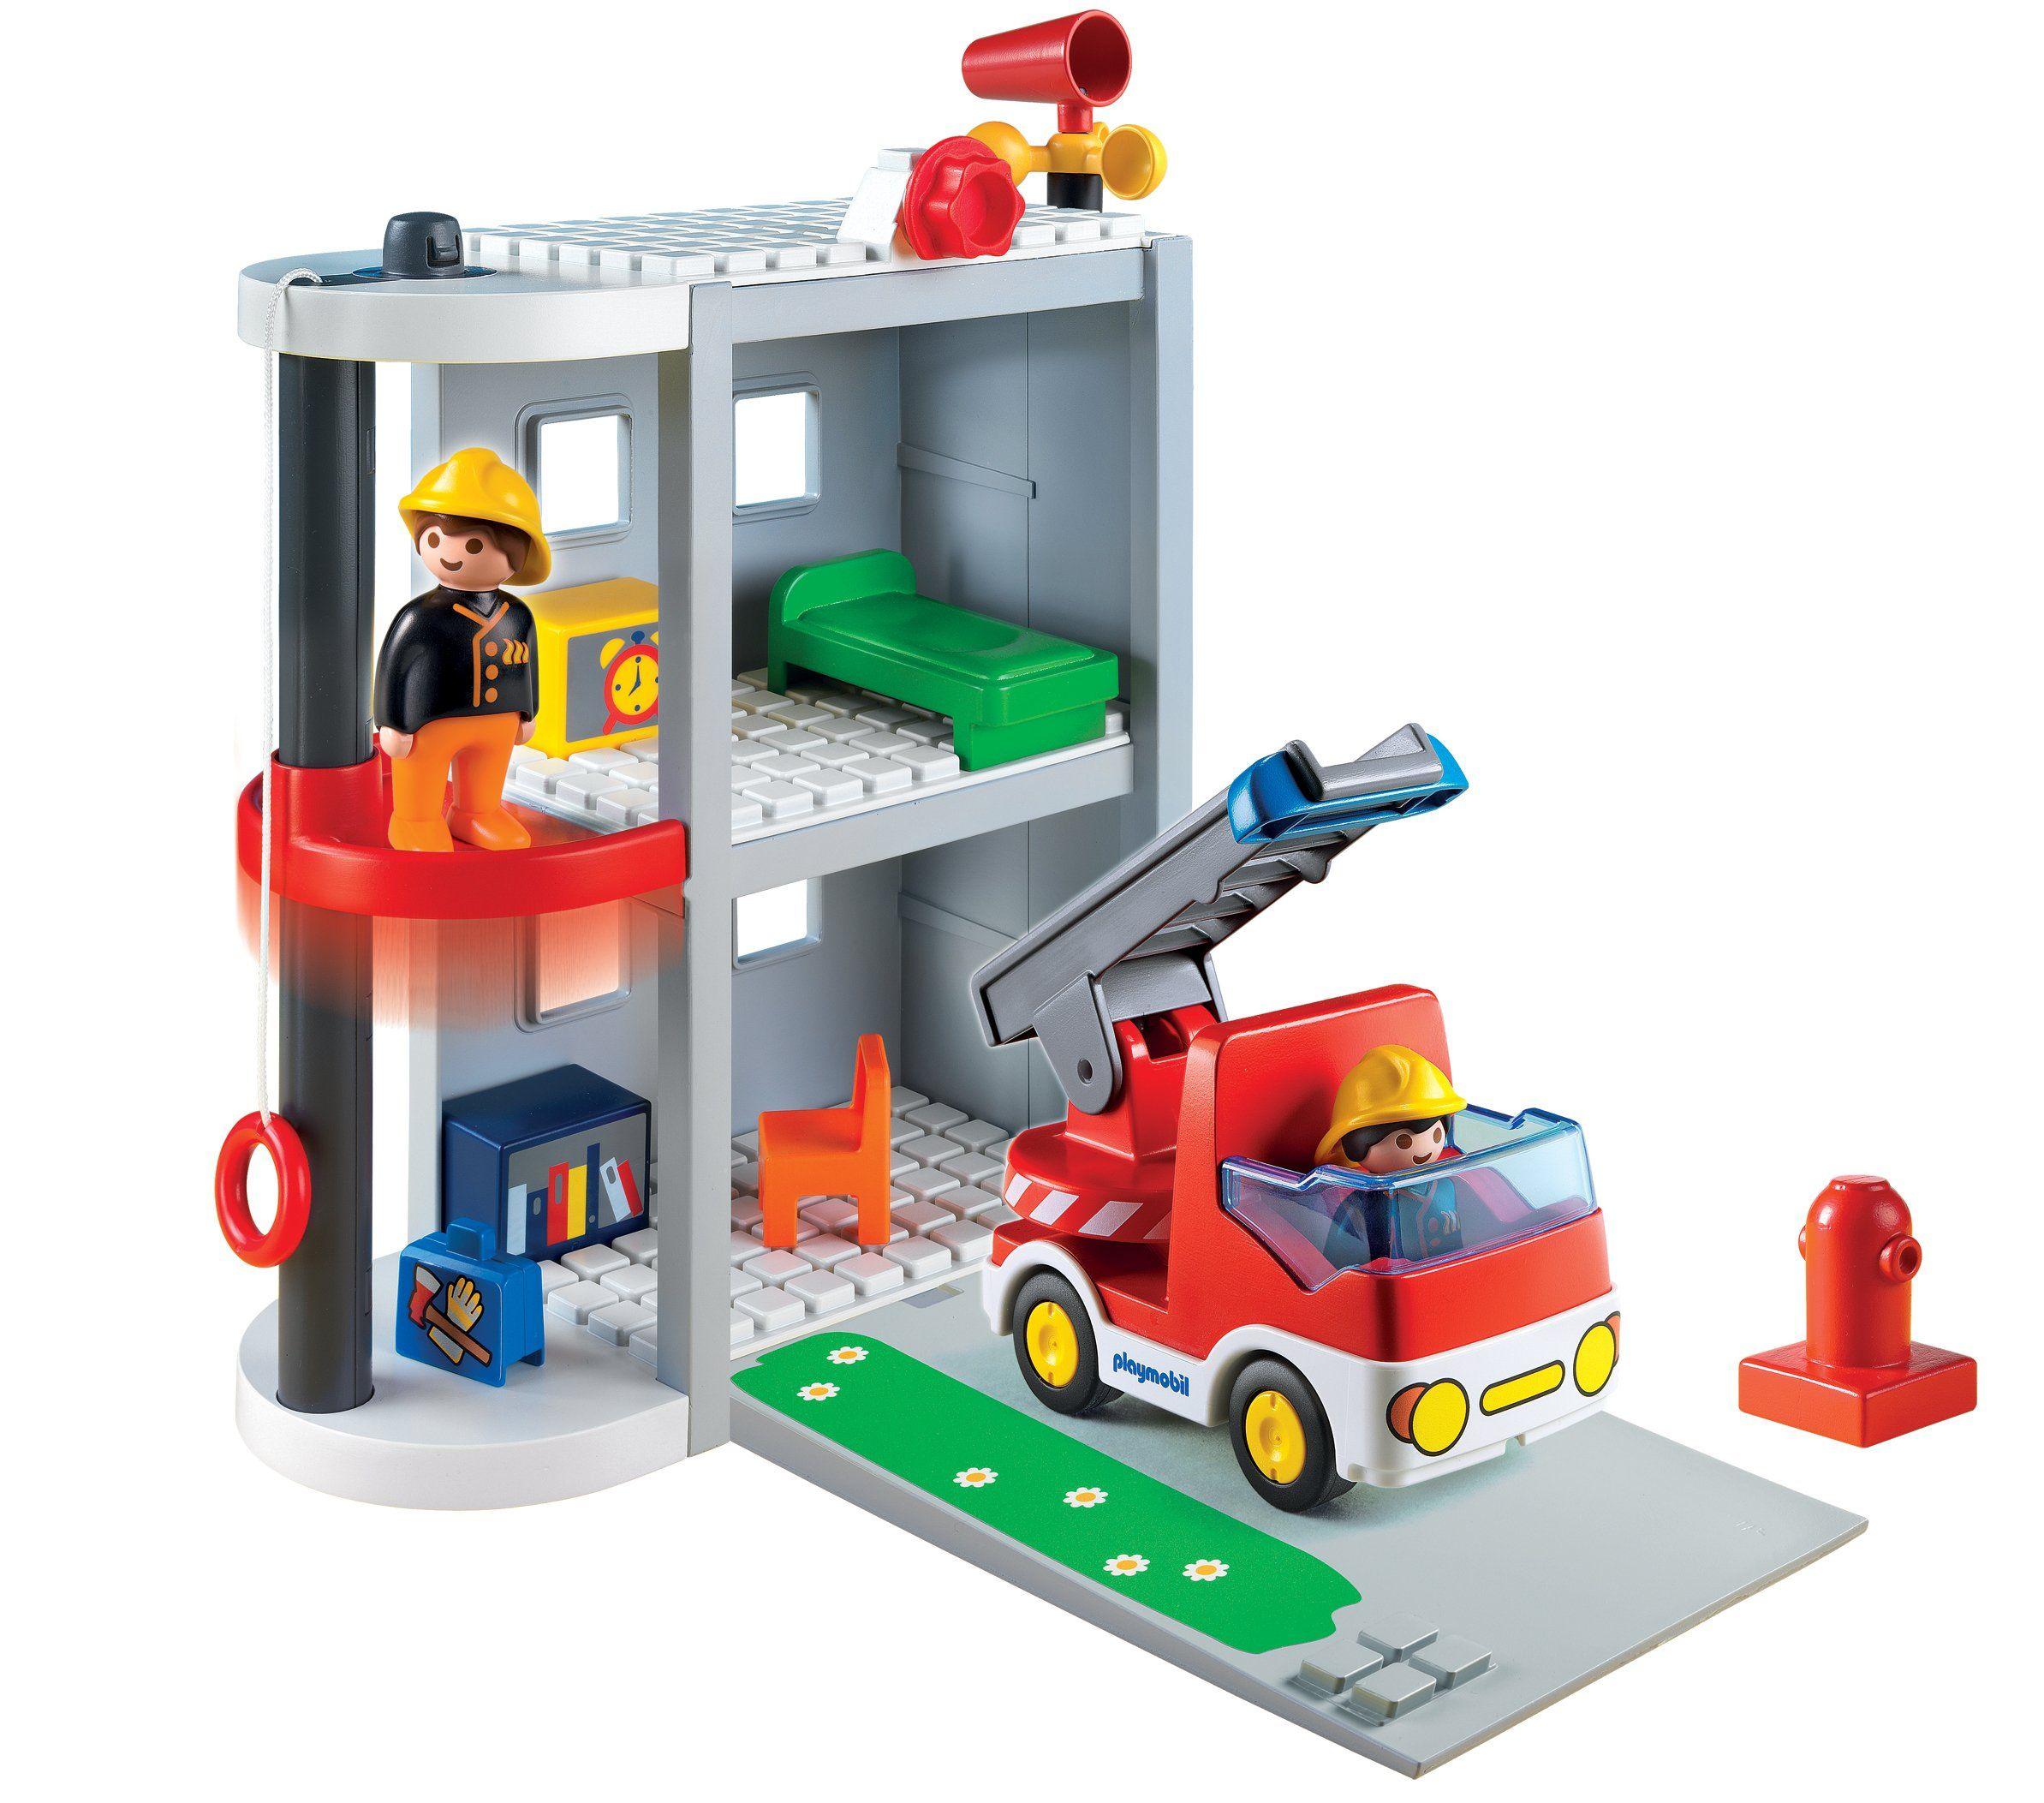 Playmobil 6777 Jeu de Construction Caserne de Pompiers